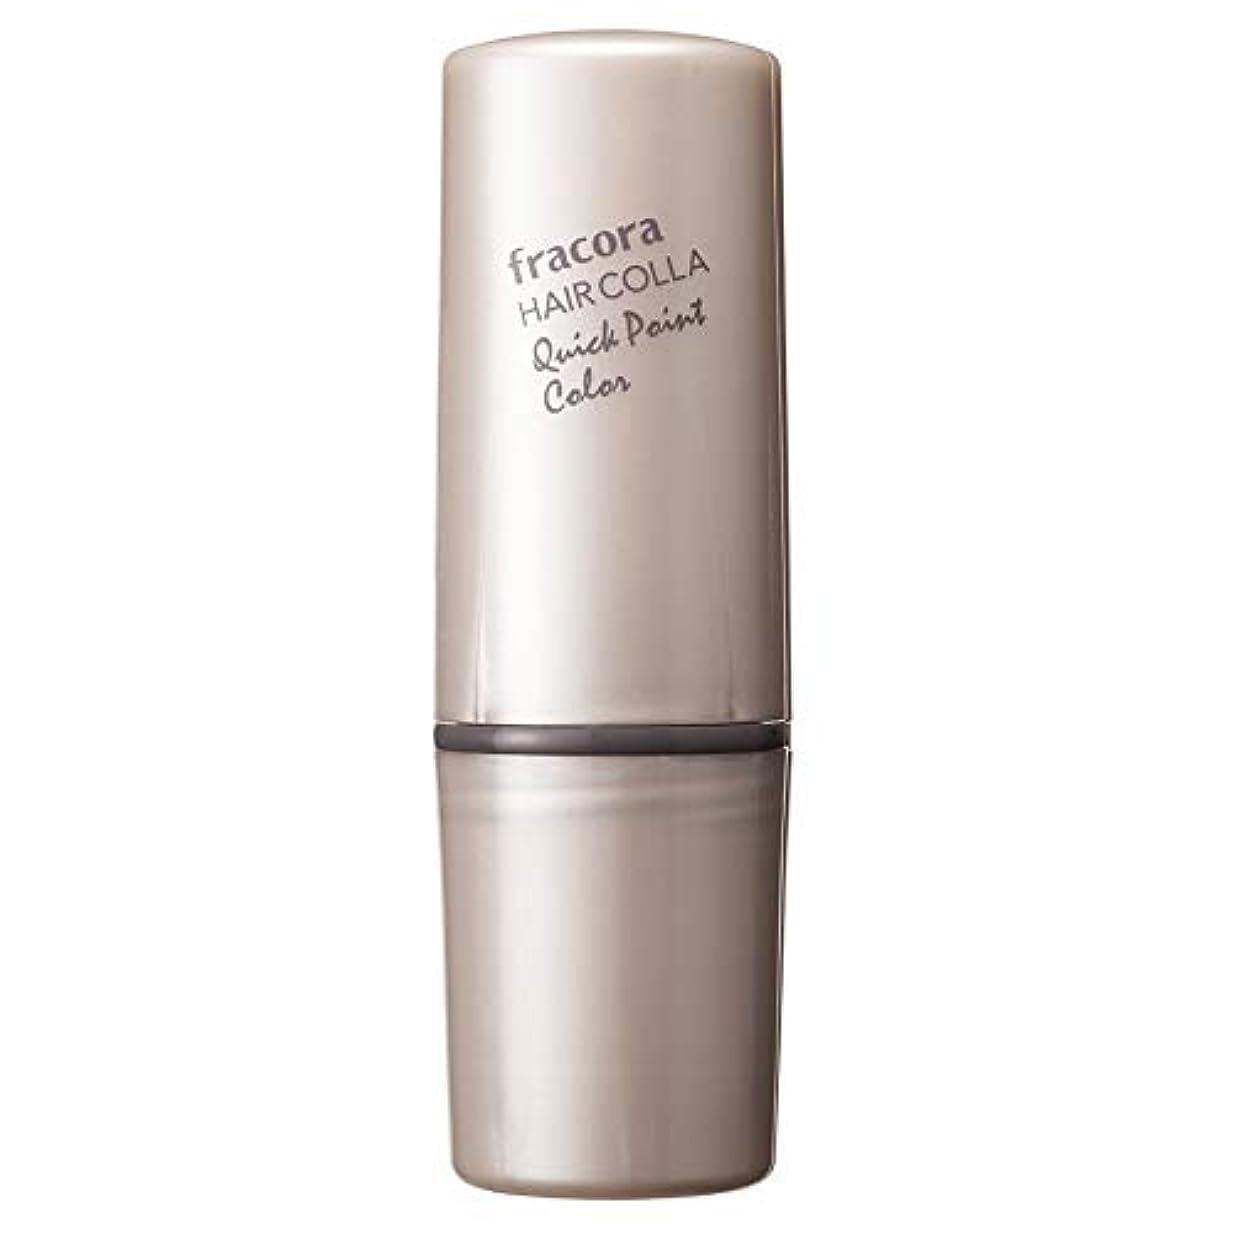 小間液体非常にフラコラ fracora 協和 HAIR COLLA クイックポイントカラー [ナチュラルブラック] 10ml